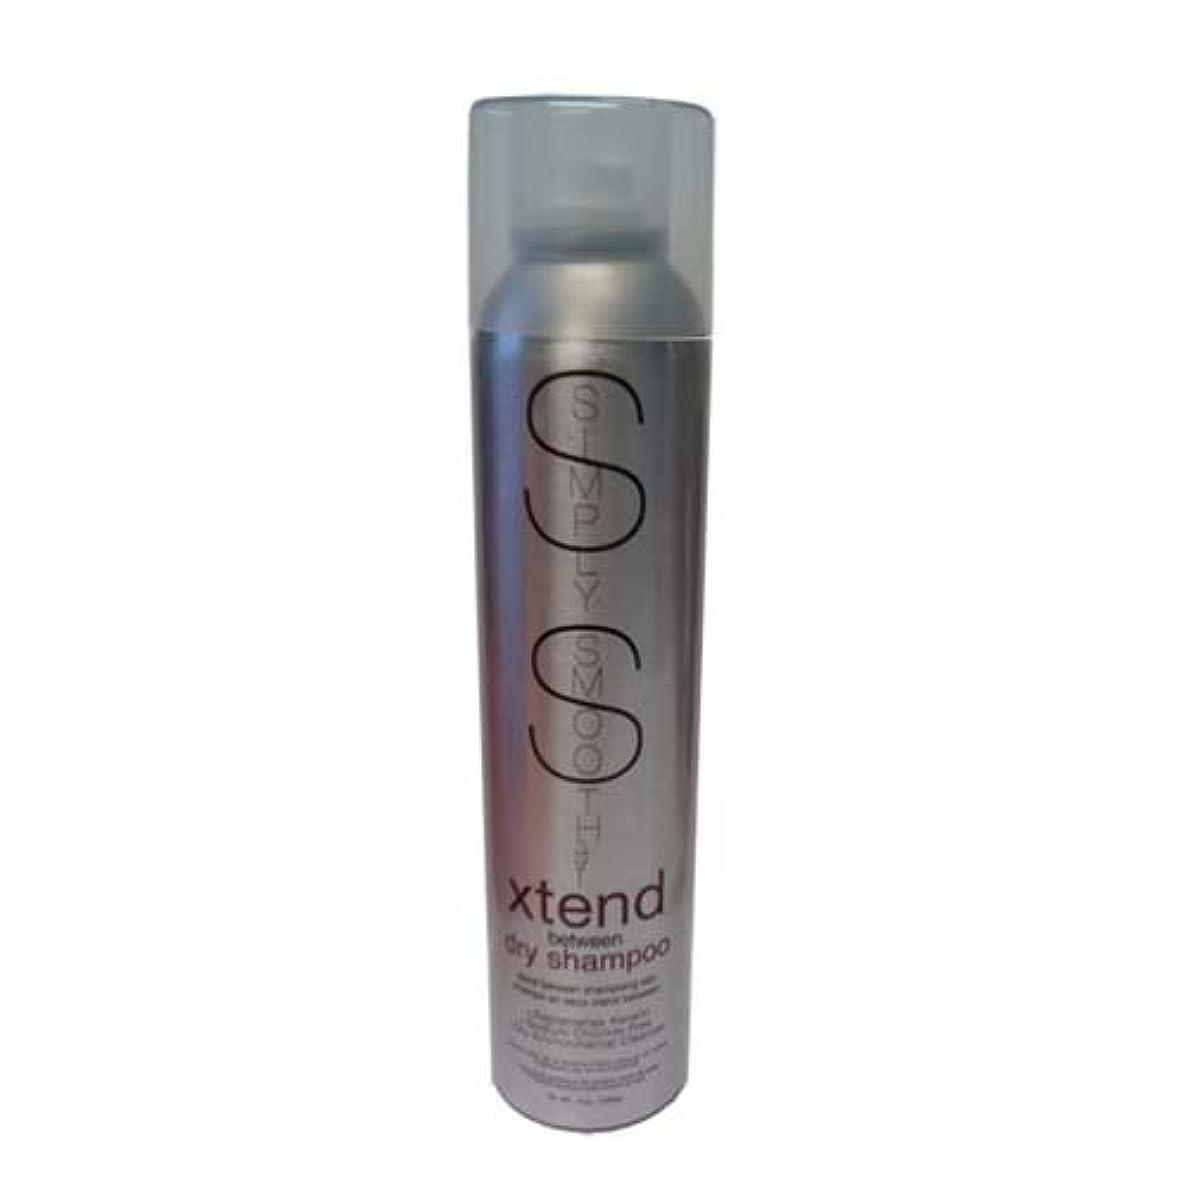 干渉するアサー人気のSimply Smooth Xtend Between Dry Shampoo 7 oz. (並行輸入品)